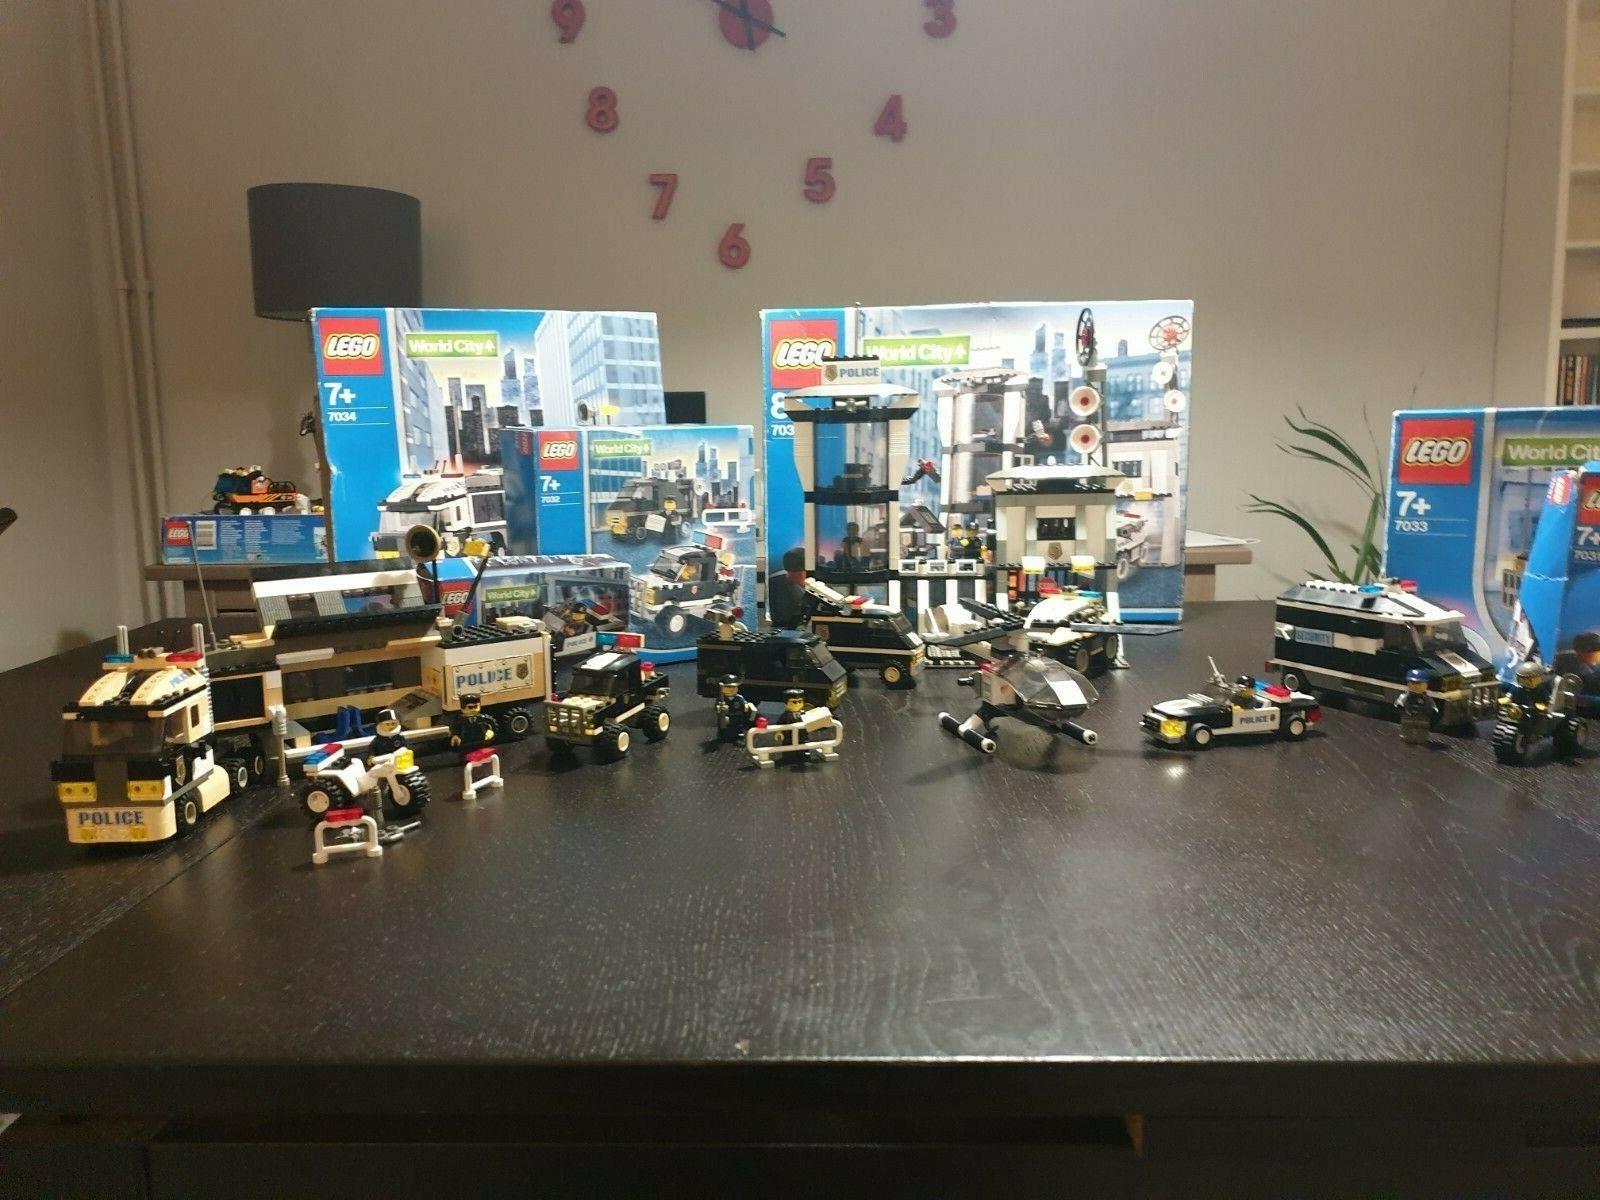 Lego 3030.3031,3032,3033,3034,3035 whole Lego World City Set